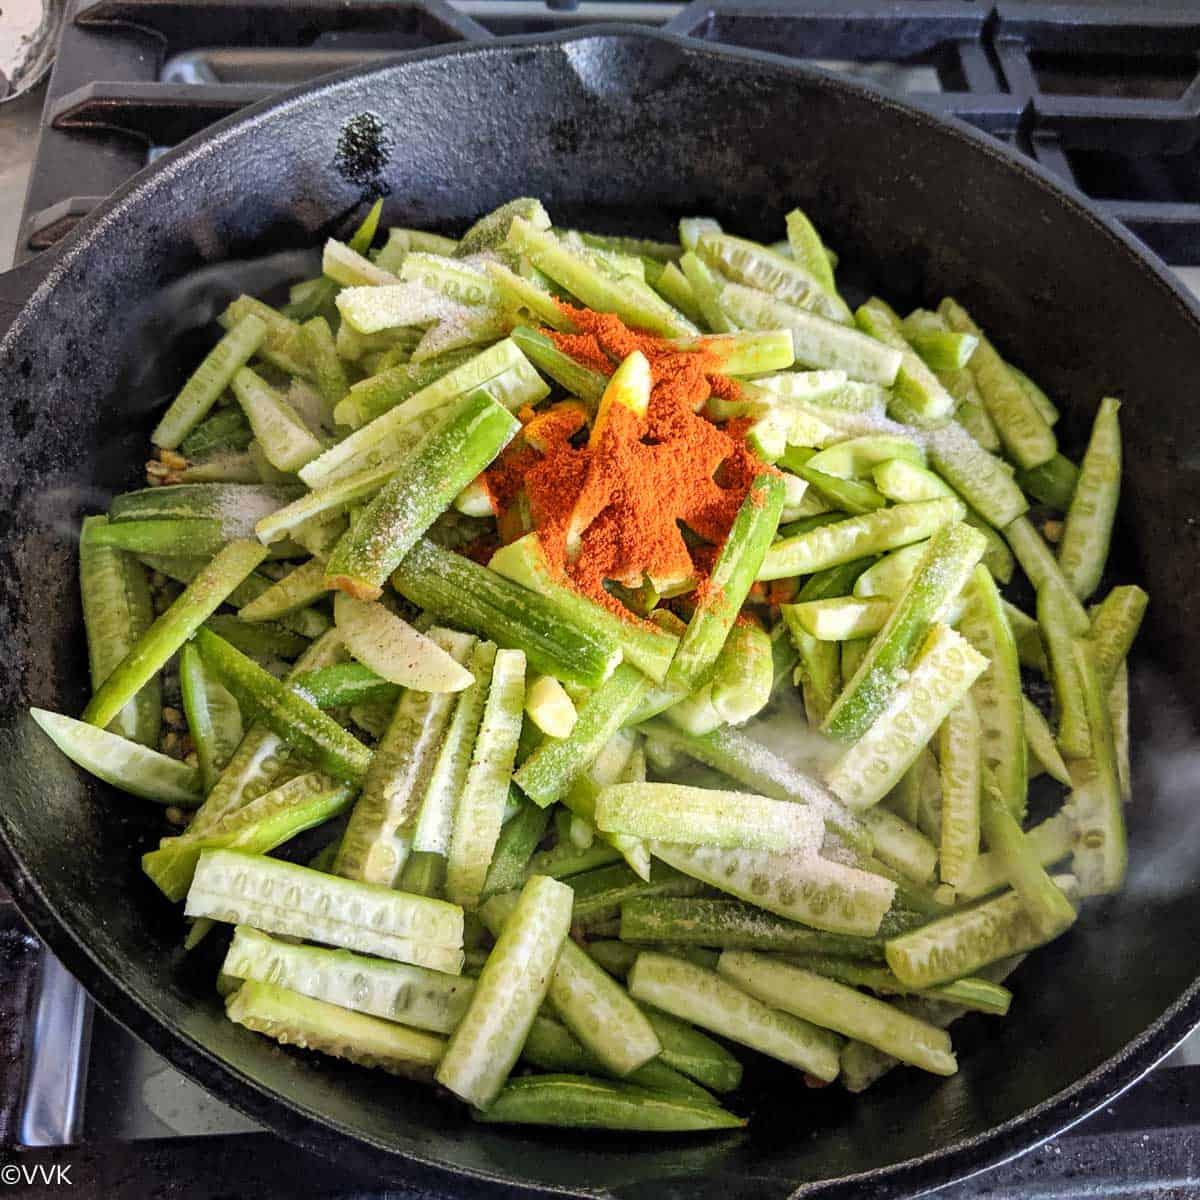 सब्जी और मसाले जोड़ना